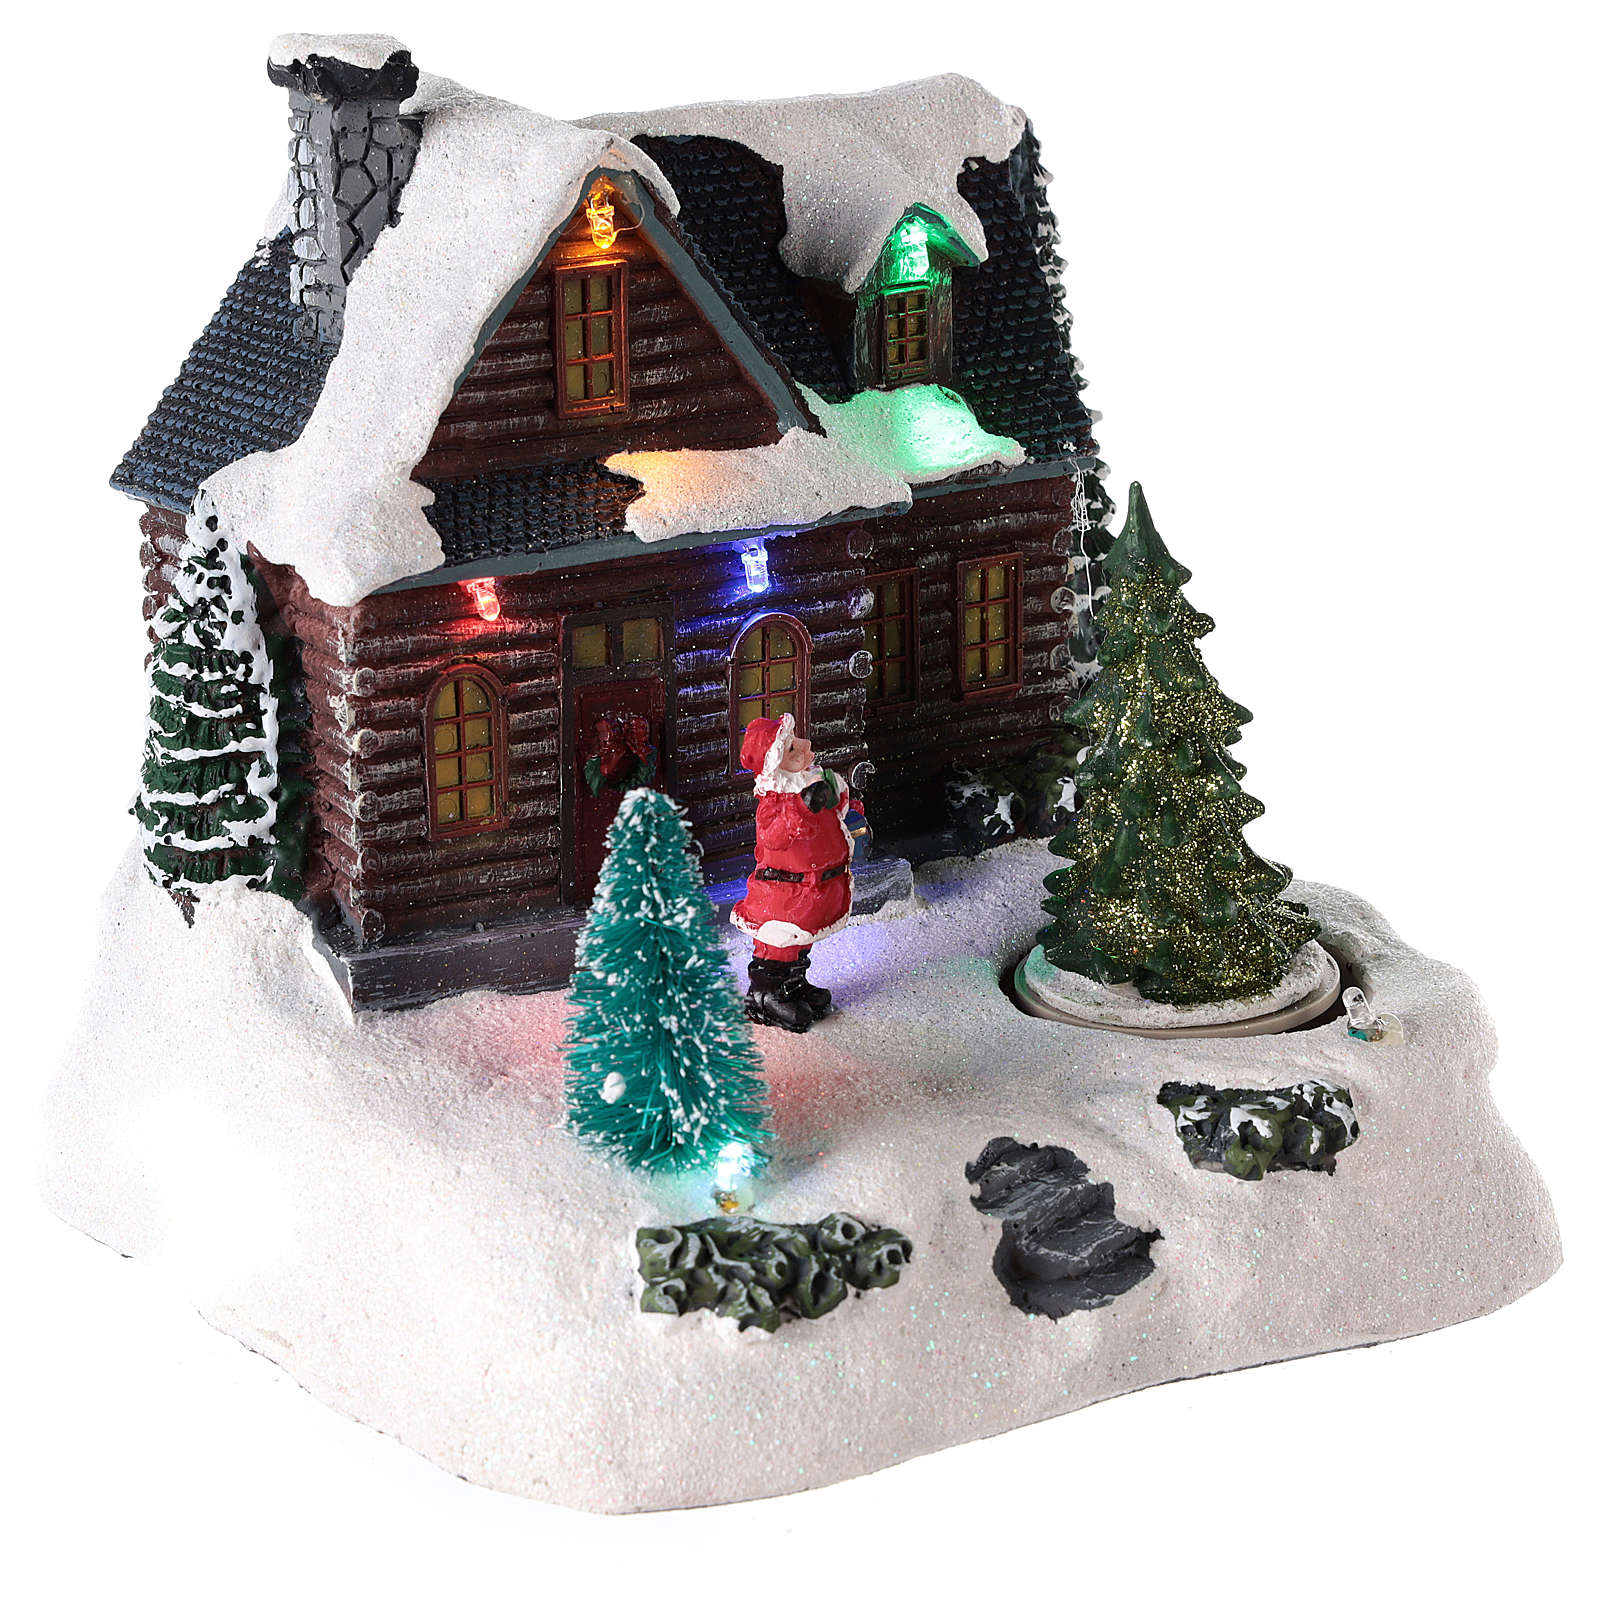 Casa illuminata con Babbo Natale per villaggio di Natale 20x 20x15 cm 3